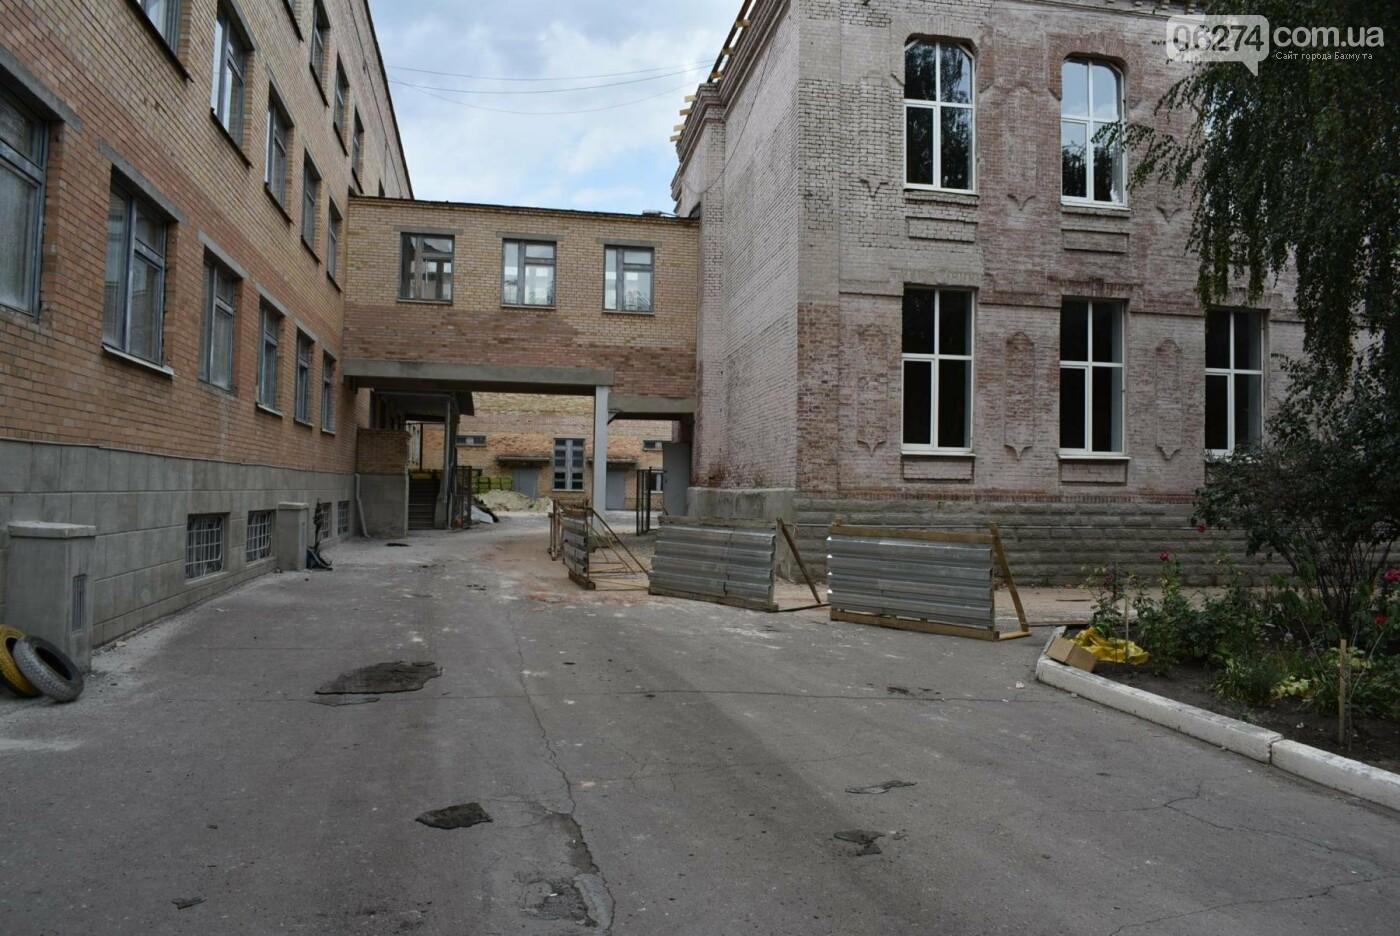 Безопасно или комфортно: на время ремонта двух школ бахмутчанам придется «потерпеть», фото-3